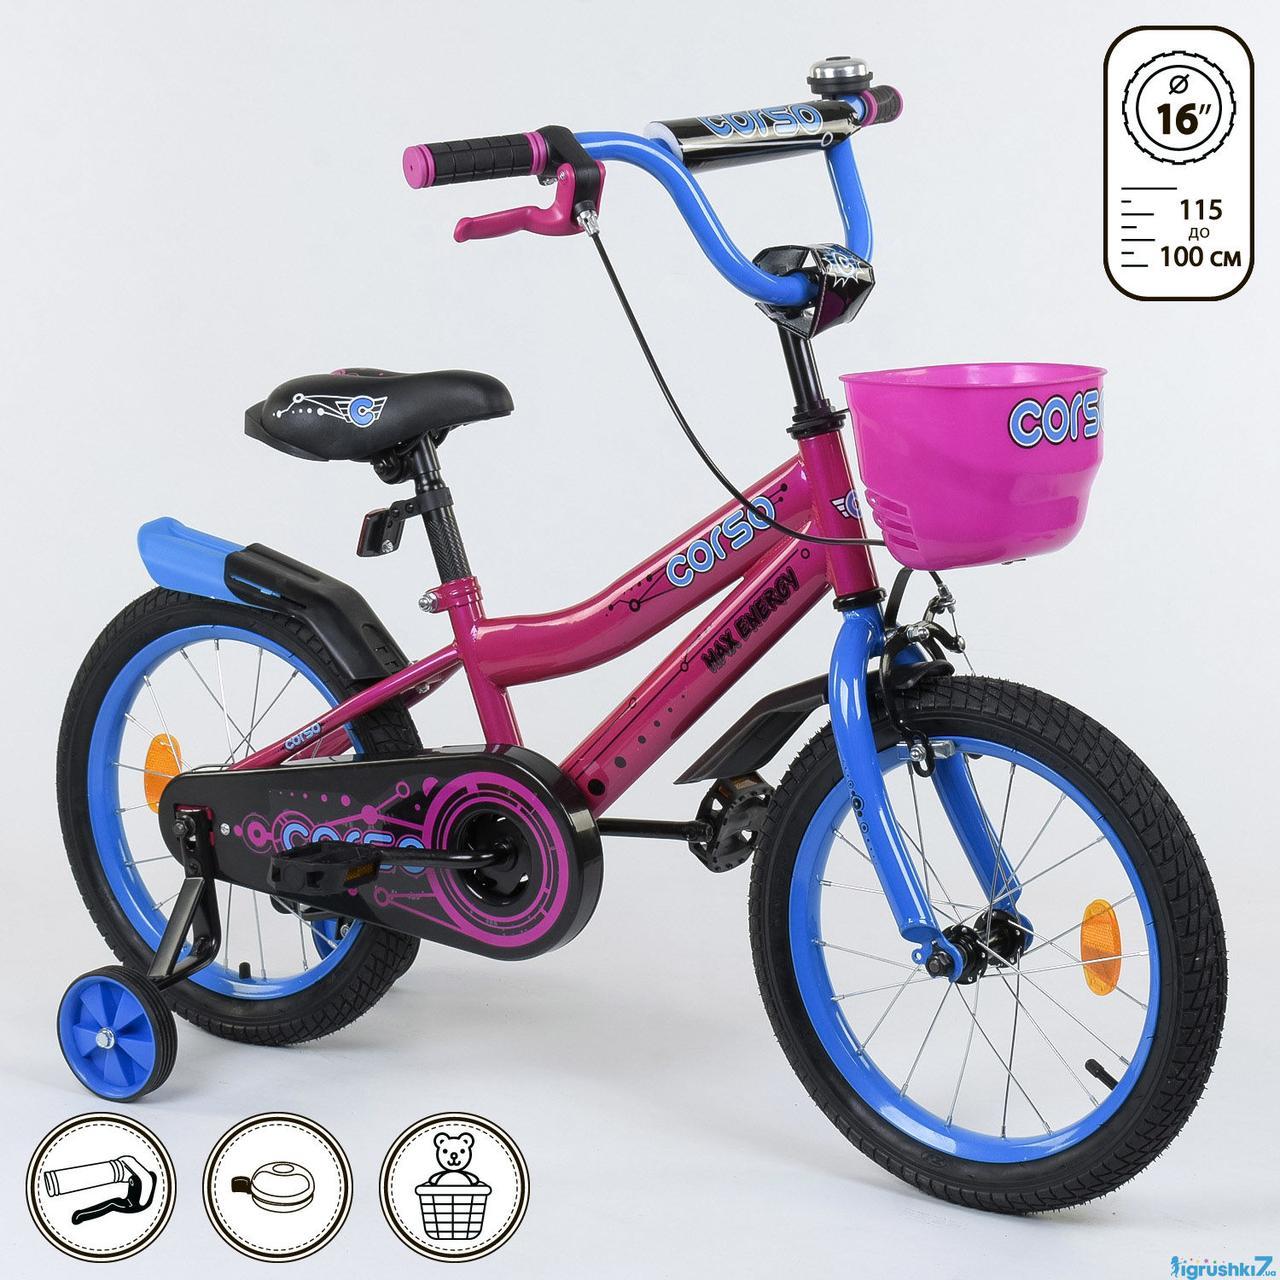 Двухколесный детский велосипед 16 дюймов CORSO R-16410 розовый с корзинкой